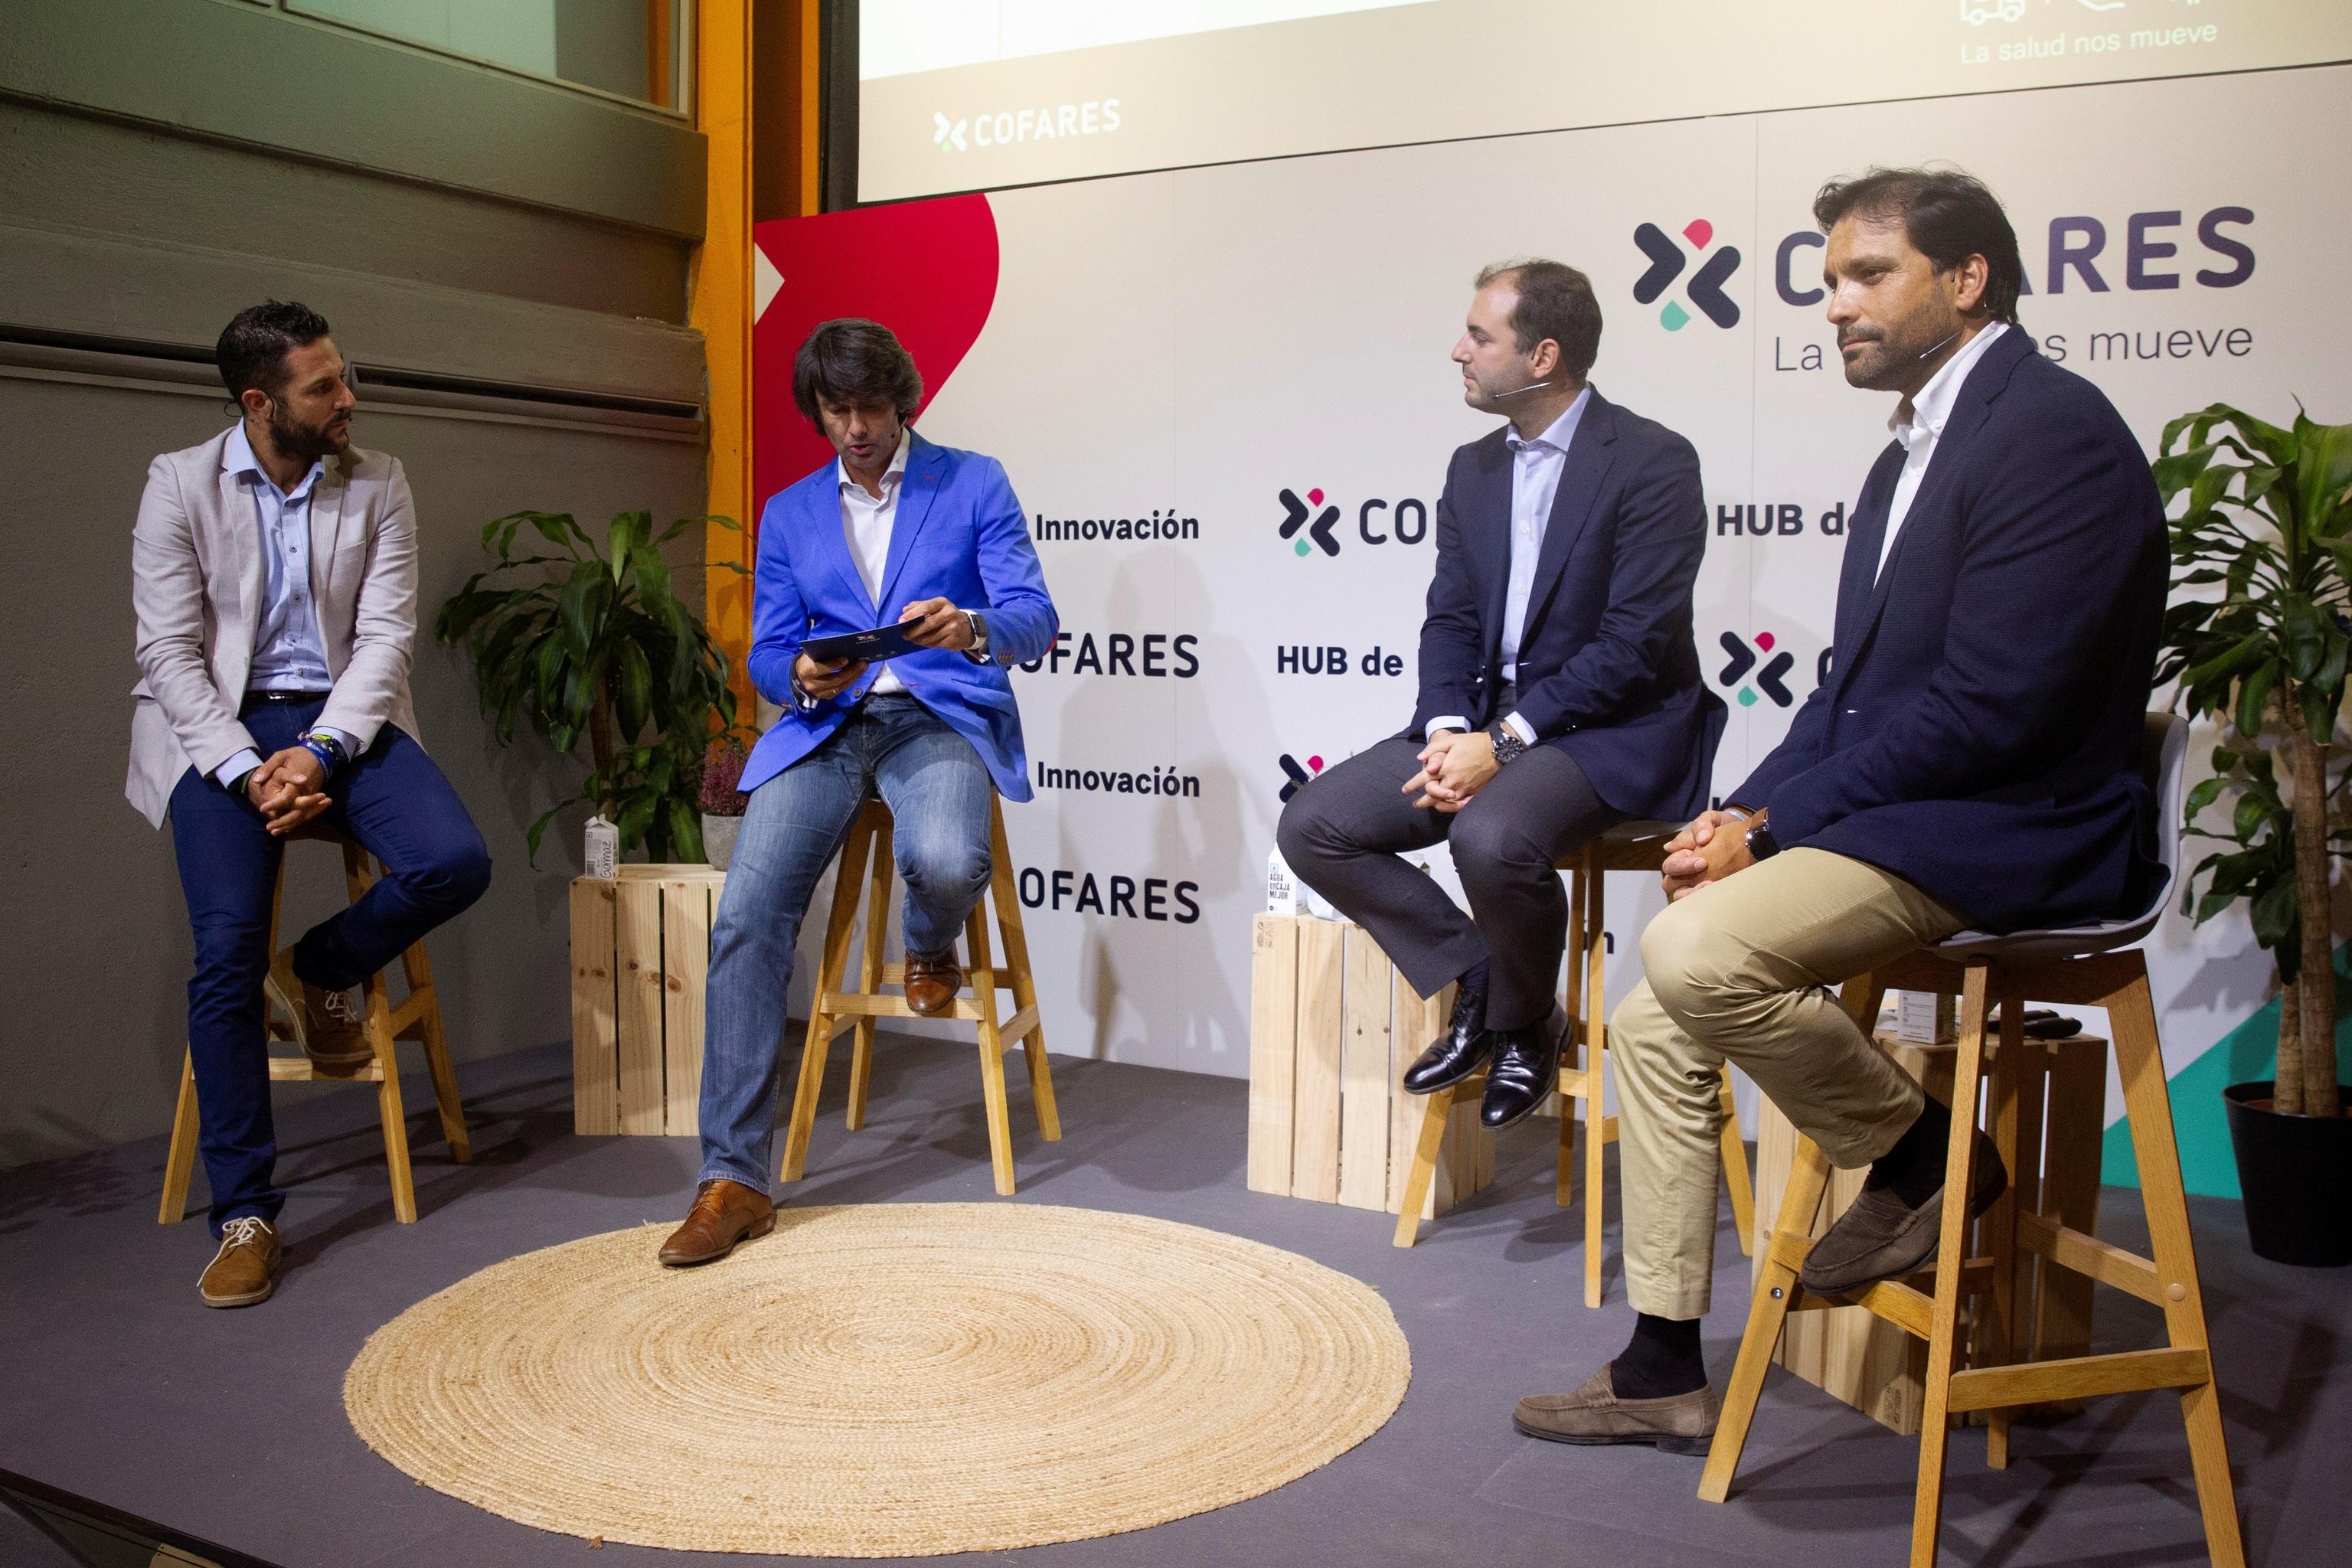 Alejandro de Anca, Pablo Caño, Luis Socías y Pablo Baleirón, ayer miércoles durante la presentación y lanzamiento de Fan Digital, un proyecto de Cofares.